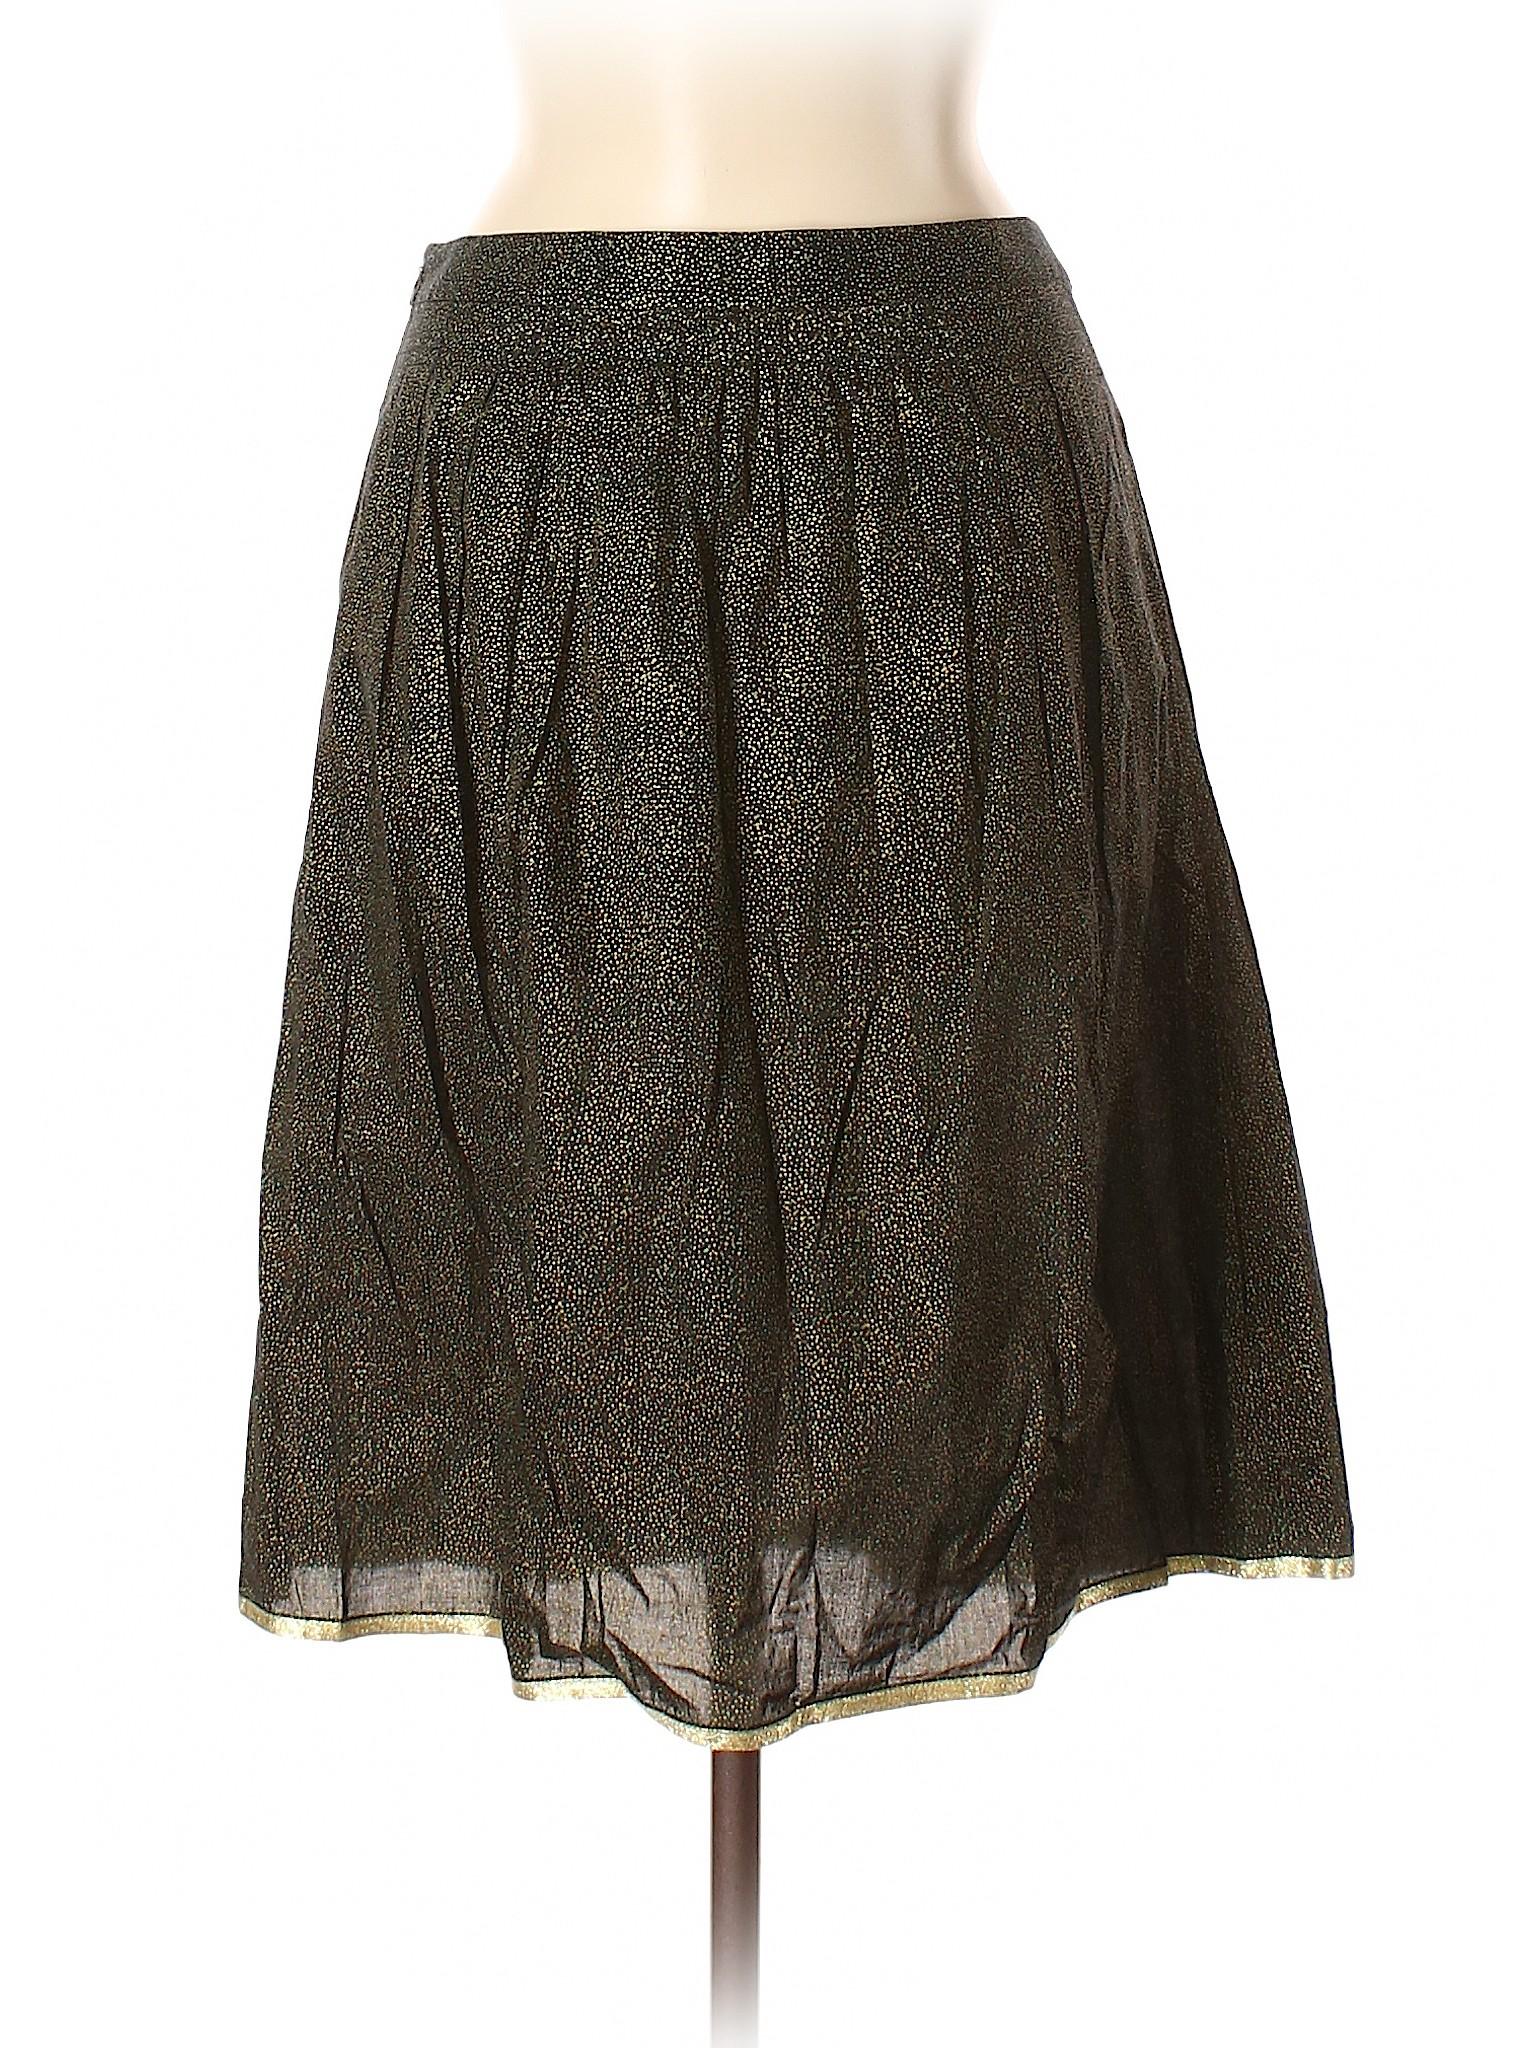 Skirt Casual Casual Skirt Boutique Boutique Boutique zqEx6wYW